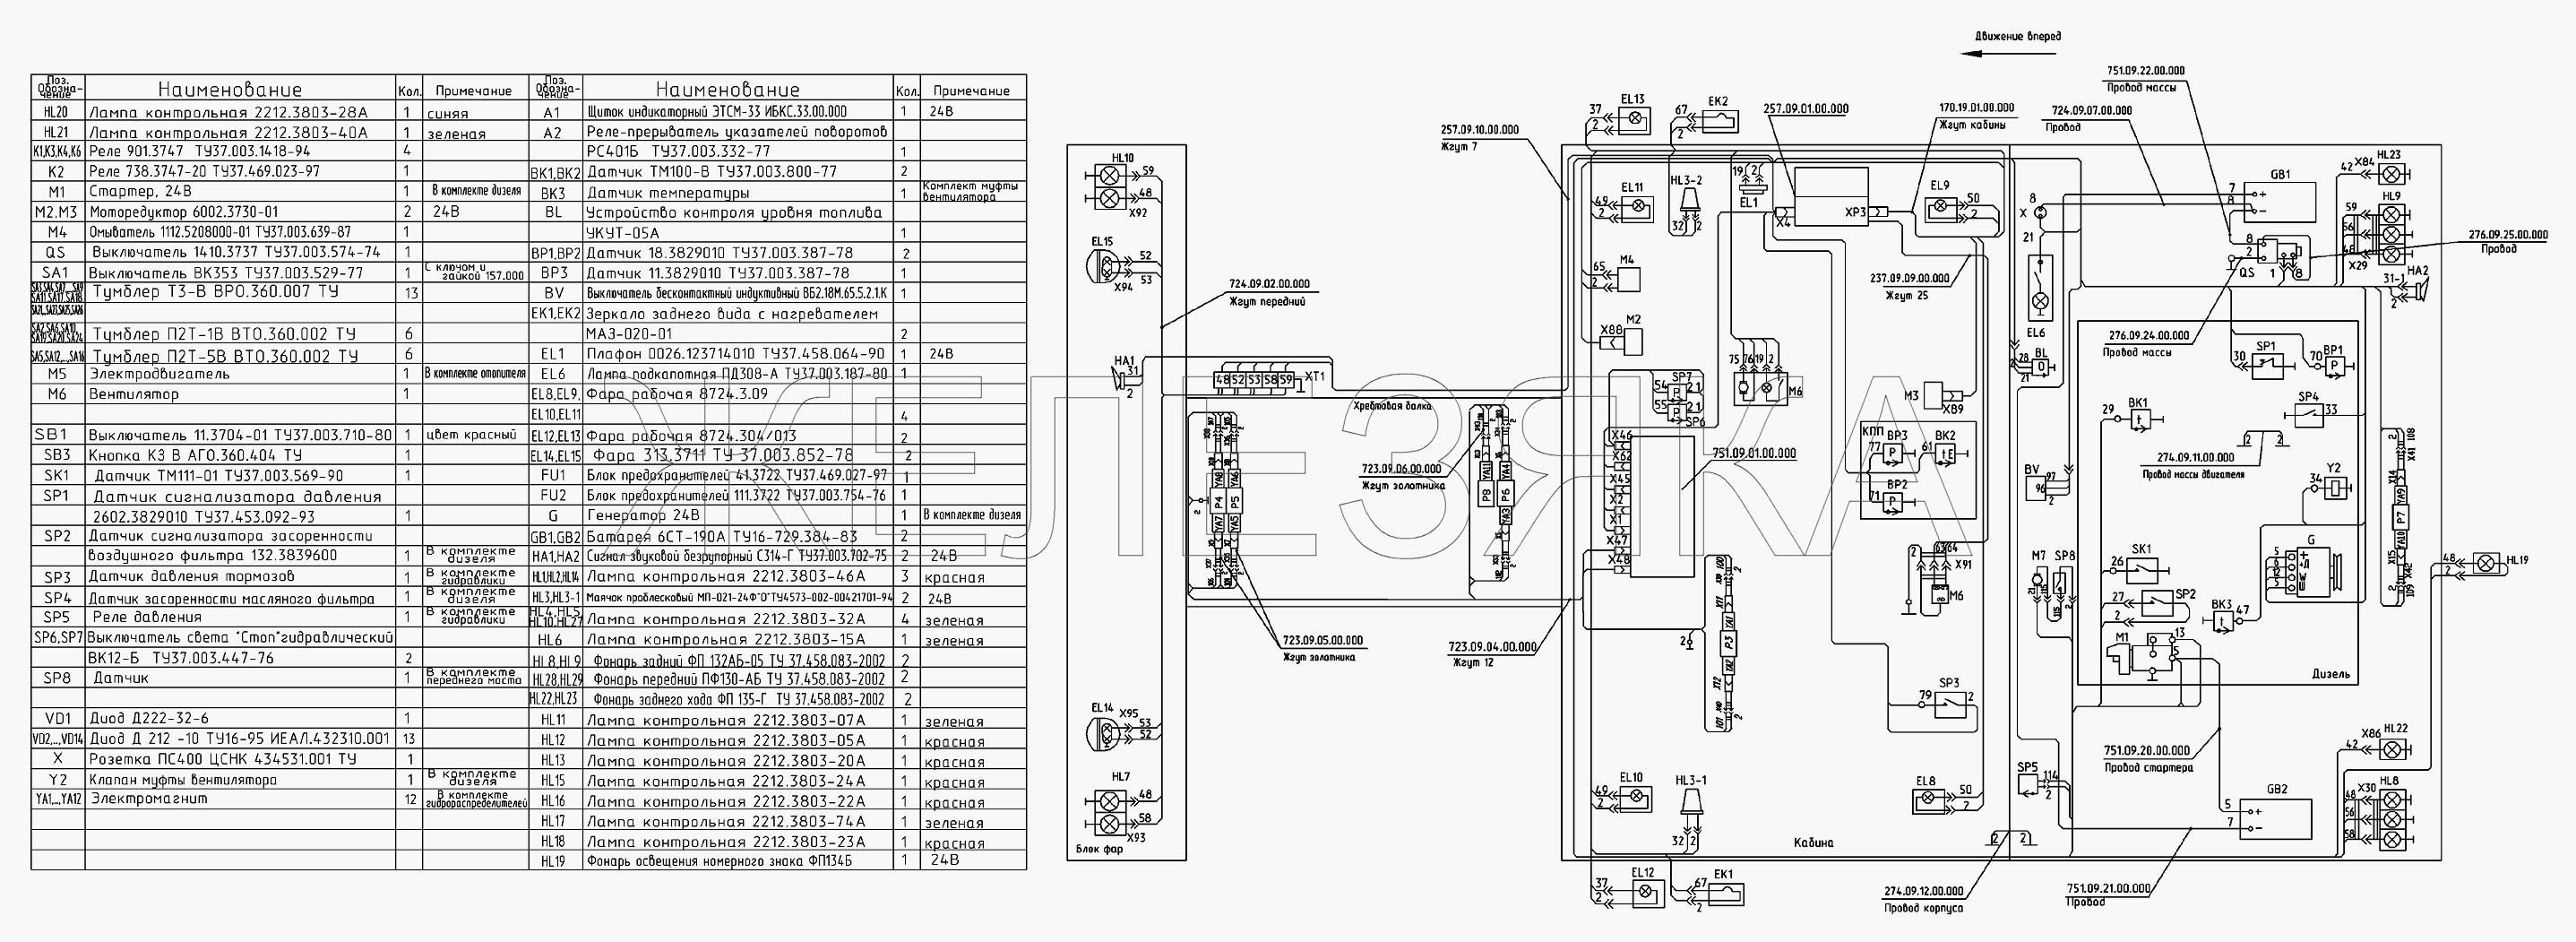 257.09.00.00.000Э4 Схема электрическая соединений от автогрейдера ГС-25.09 title=